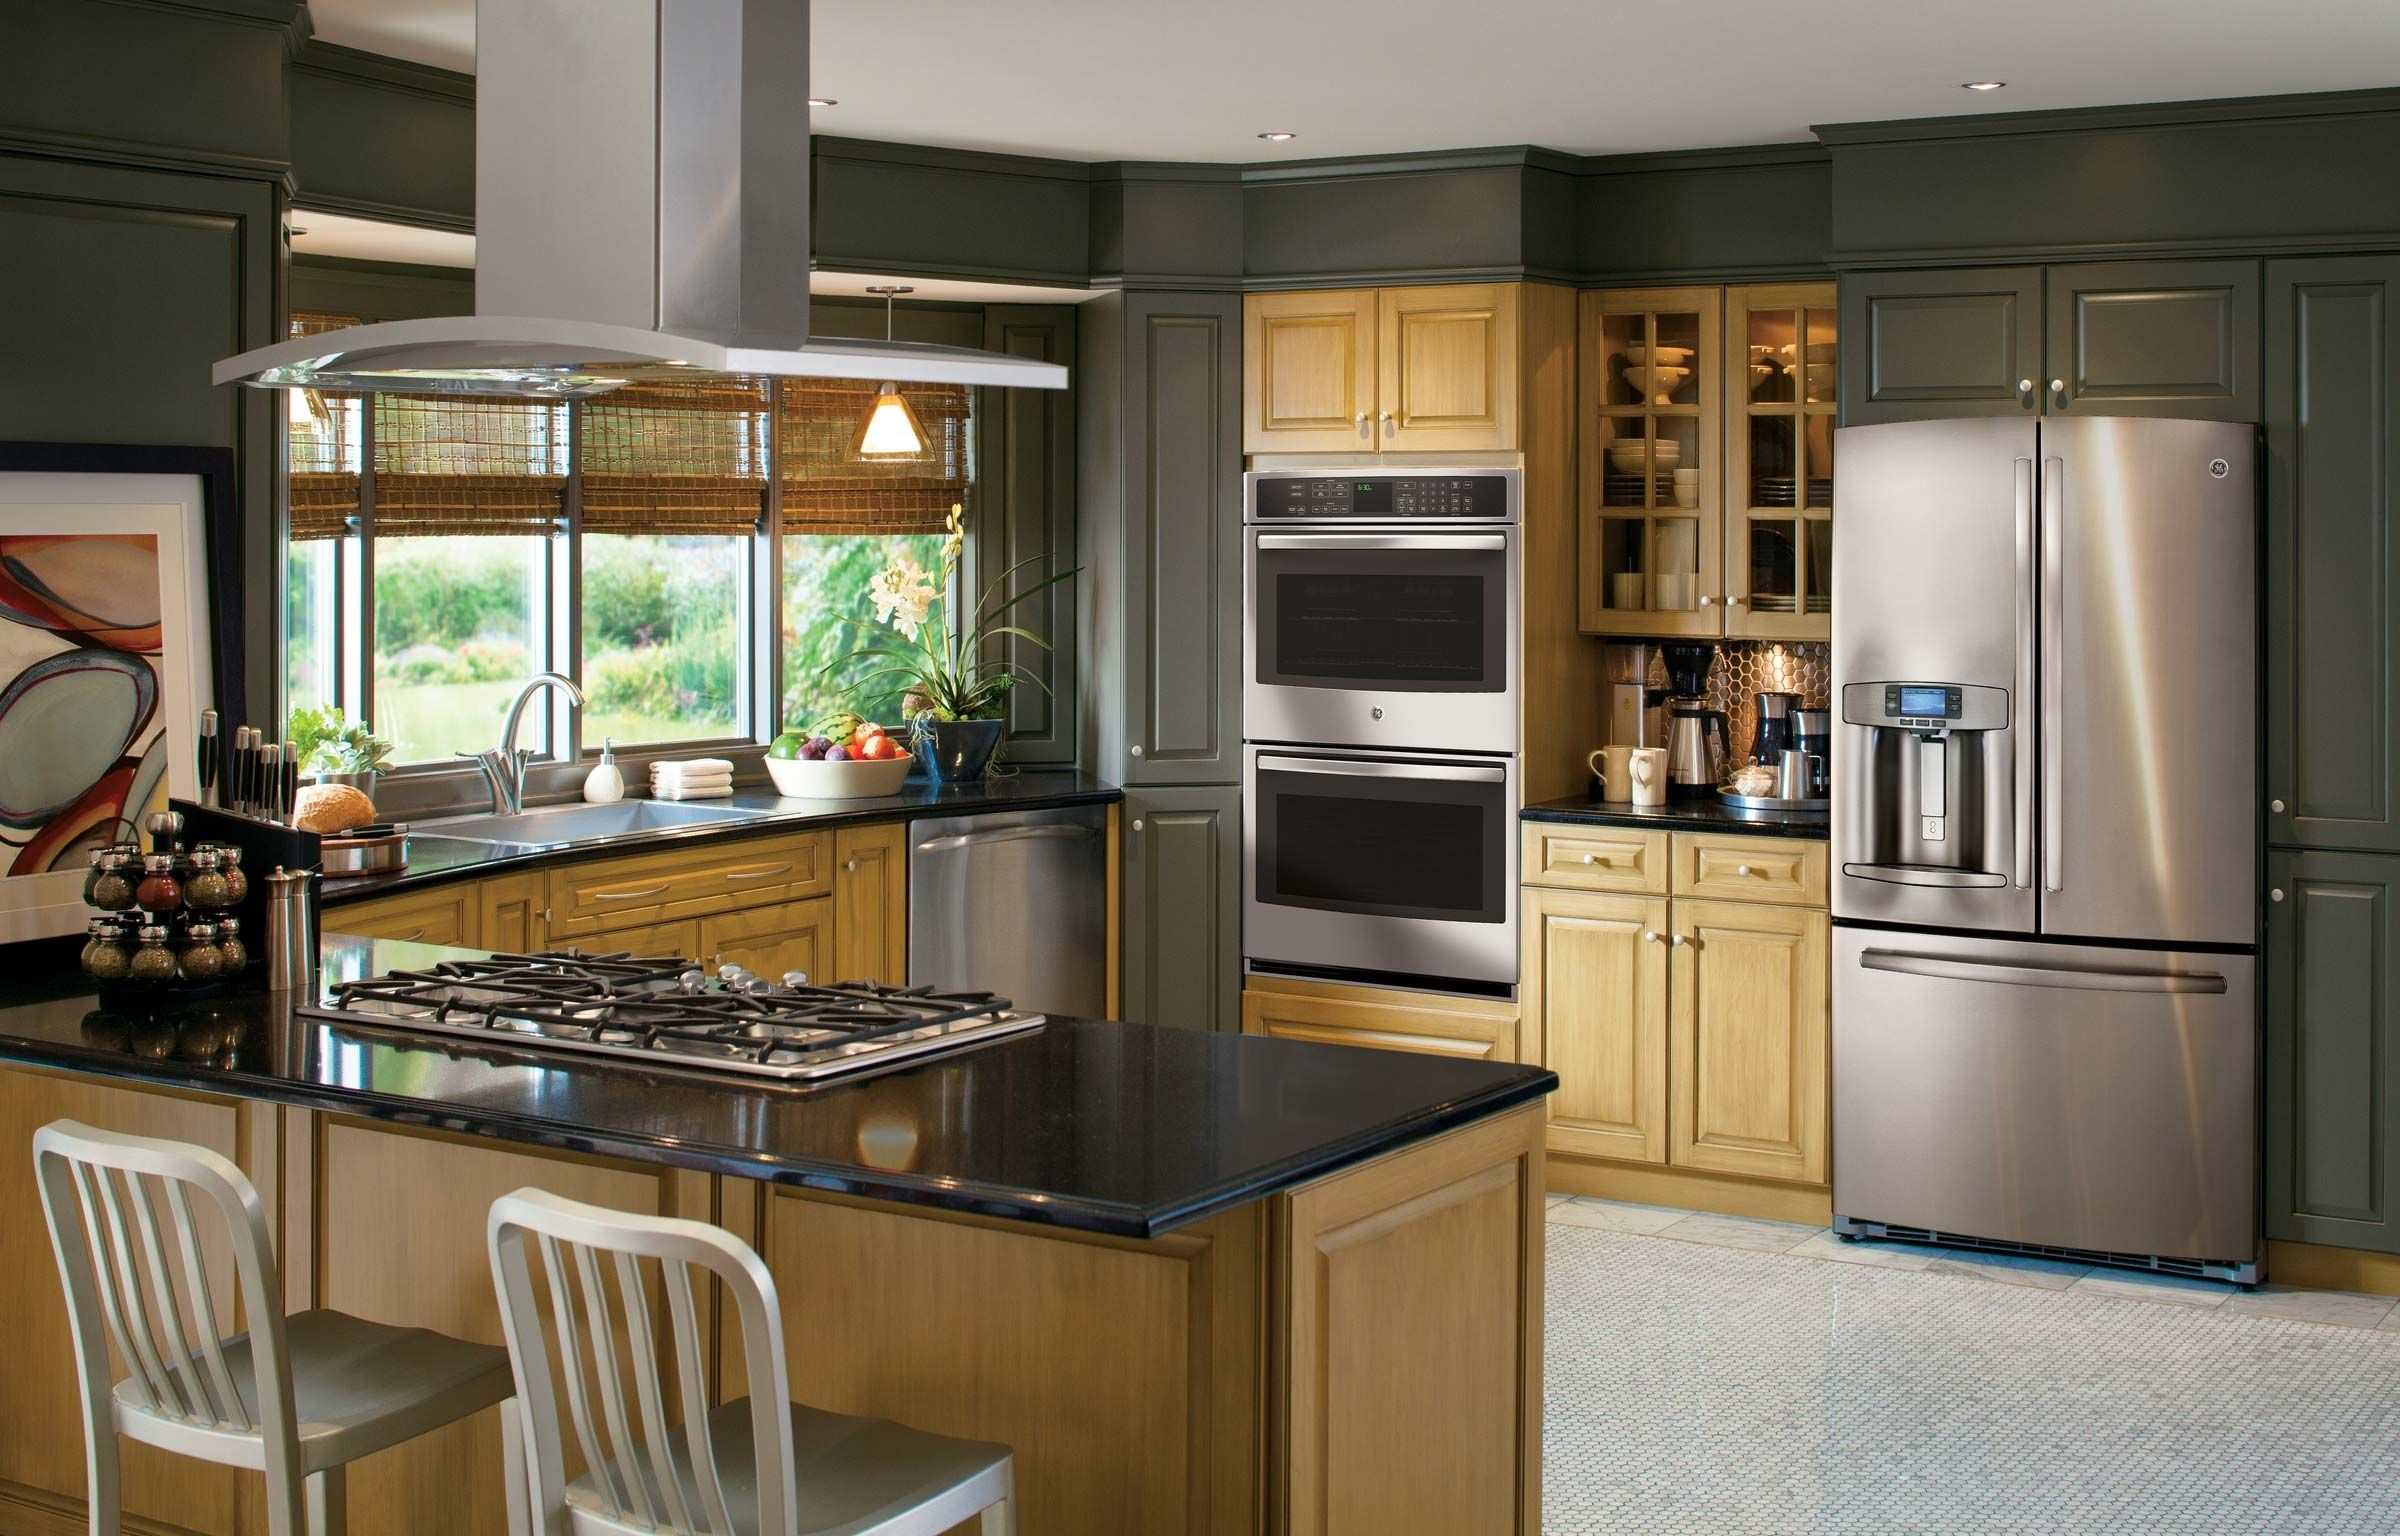 Stainless Gallery Dark Green Kitchen Lg Jpg 2400 1536 Kitchen Remodel Design Kitchen Appliance Set Kitchen Design